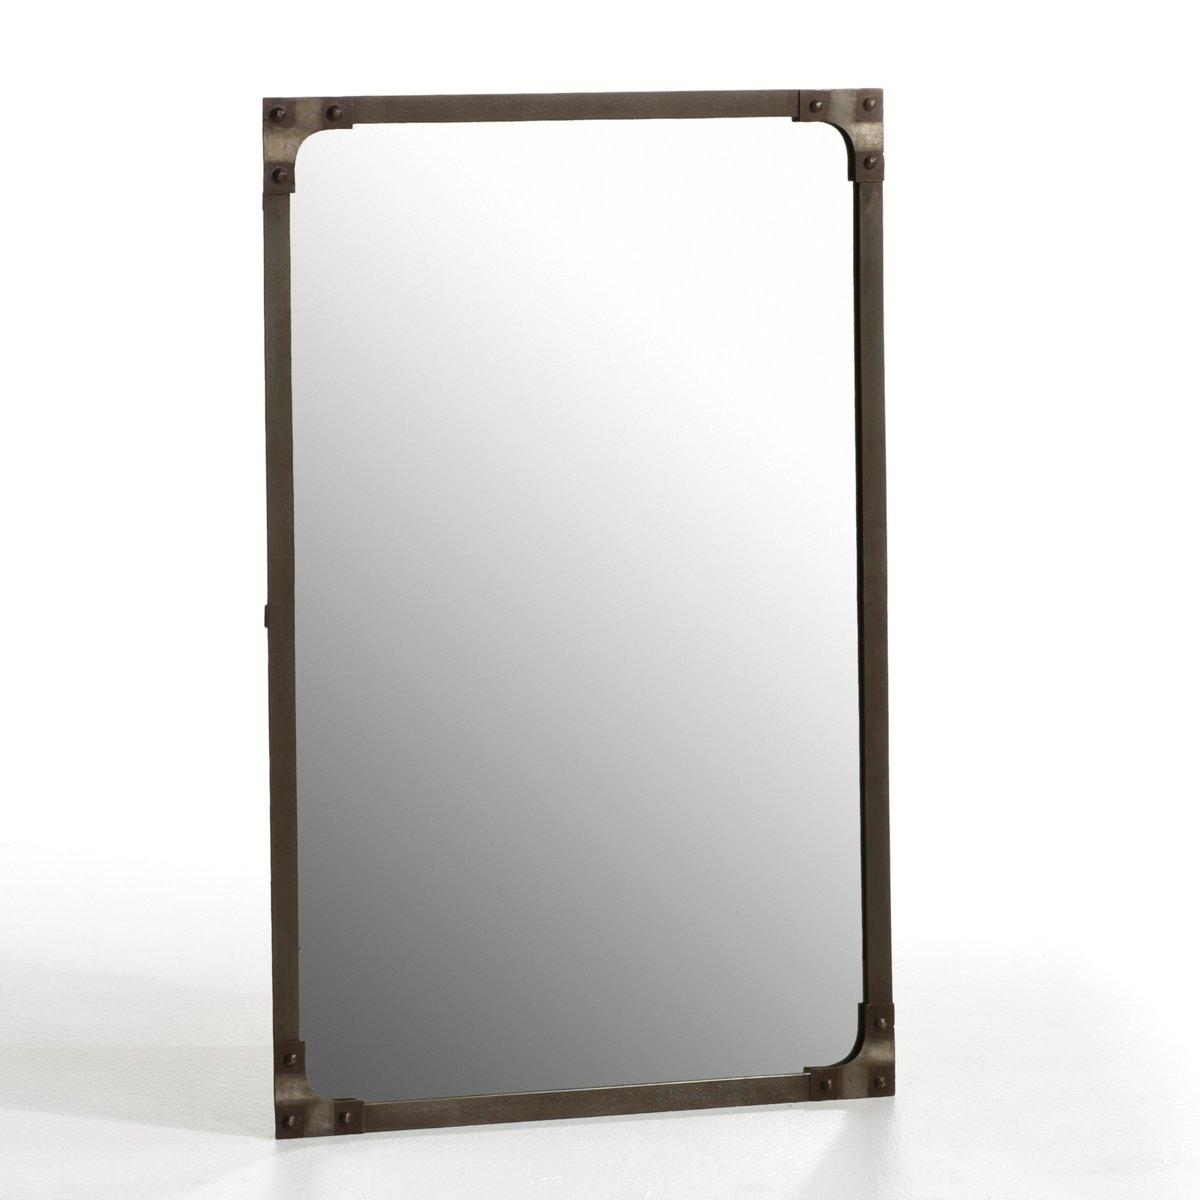 Зеркало, LenaigОписание:- Заклепки на 4 углах.- Крепится горизонтально или вертикально (шурупы и дюбеля не прилагаются).Характеристики:- Металл черного цвета с отделкой под старину.Откройте для себя всю коллекцию зеркал на сайте laredoute.ru.Размеры:Общие: - Длина: 60 см.- Высота: 90 см.Зеркало: Шир. 57 x Выс. 86 смРазмеры и вес упаковки:1 упаковкаШир. 100 x Выс. 5 x Гл. 65 смВес: 9,1 кг.<br><br>Цвет: красно-коричневый